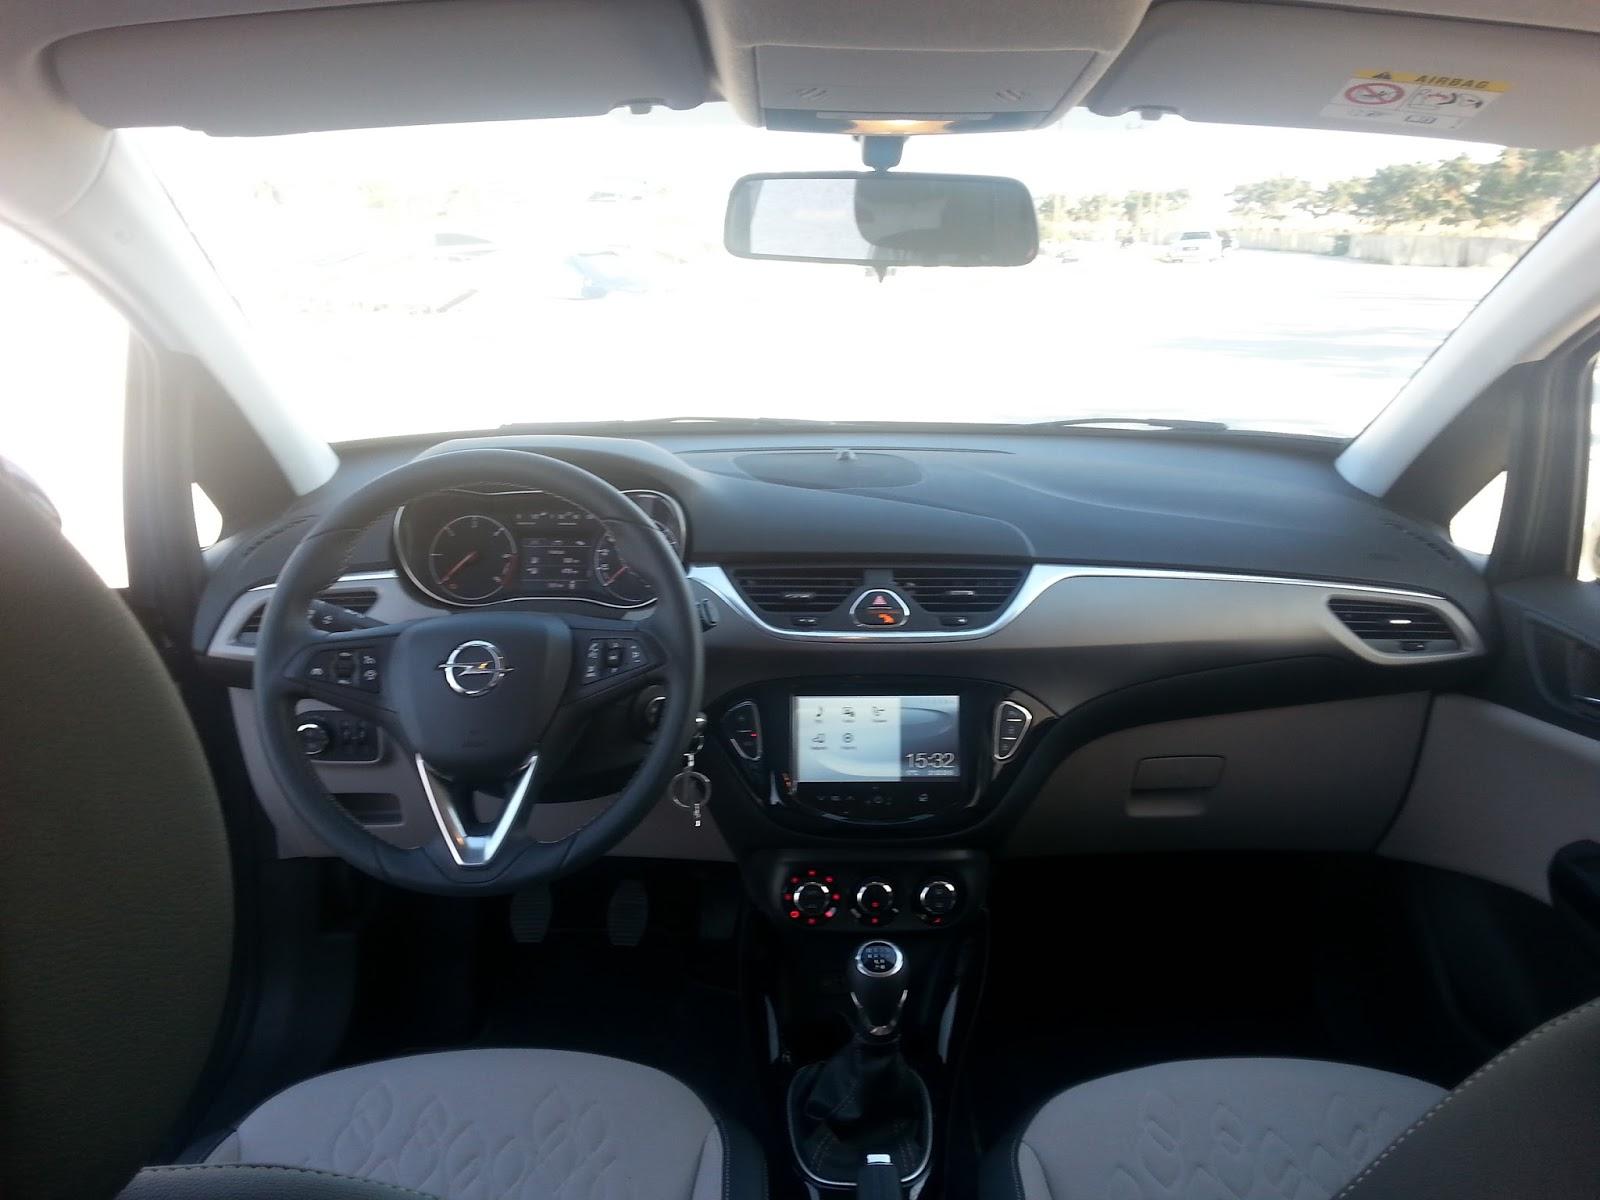 F3 Δοκιμάζουμε το Opel Corsa 1,3 diesel